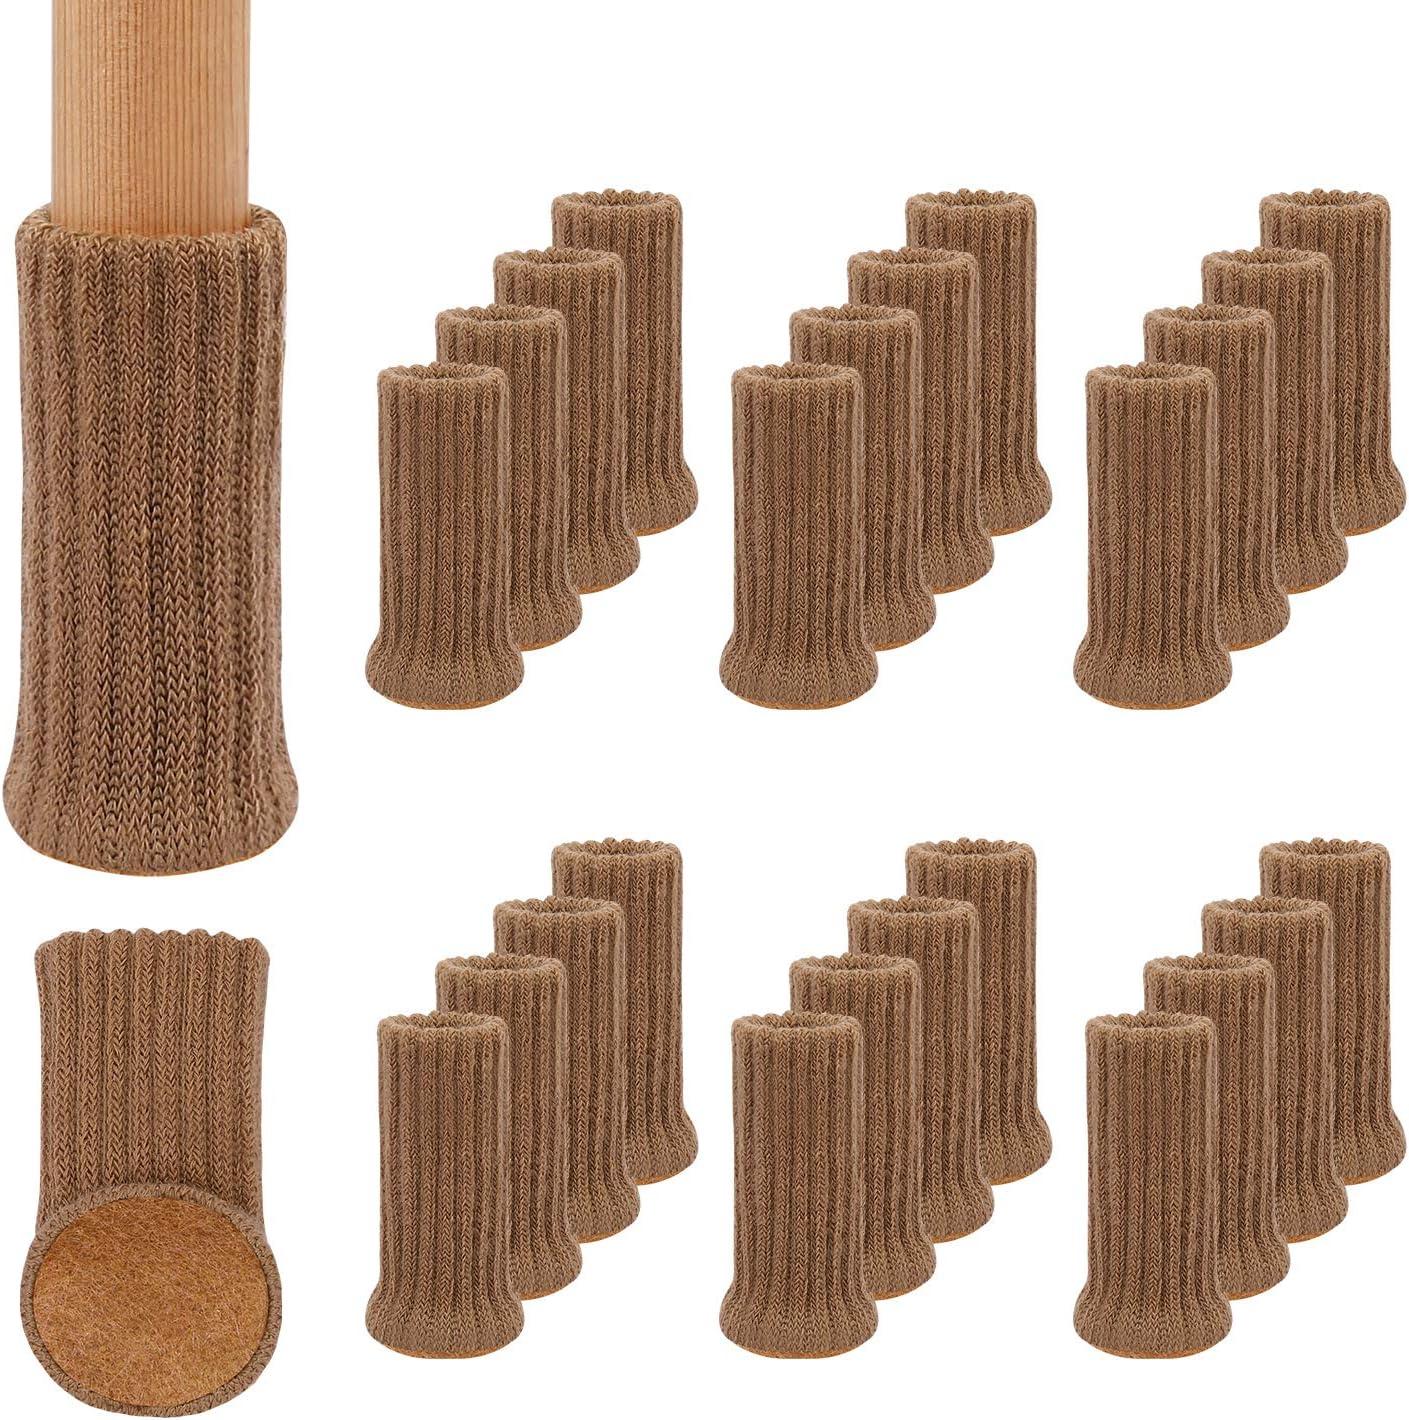 24Pcs Calcetines para Patas de Silla y Mesa, Elásticos Protectores de Pata de Madera Gruesa, Muebles Tapa de Cubre-Antideslizante & Antiarañazos, Almohadillas para Muebles de Punto de 1 a 2